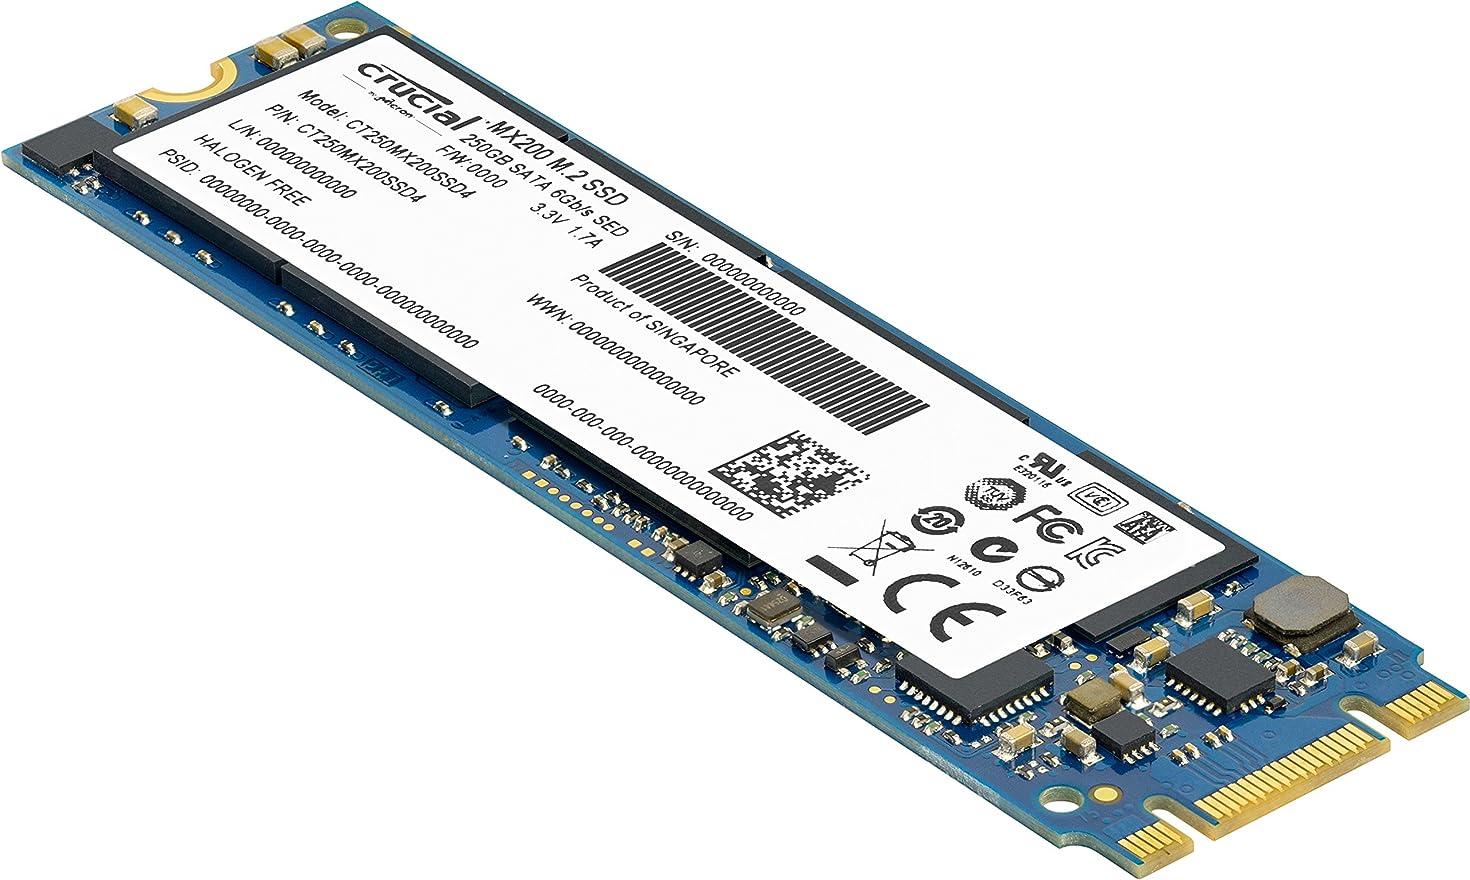 Crucial MX200 250GB M.2 (Type 2280) 250GB Internal SSD SATA 6.0Gb/s 555 MB/s Read, 500 MB/s Write [PN: CT250MX200SSD4]